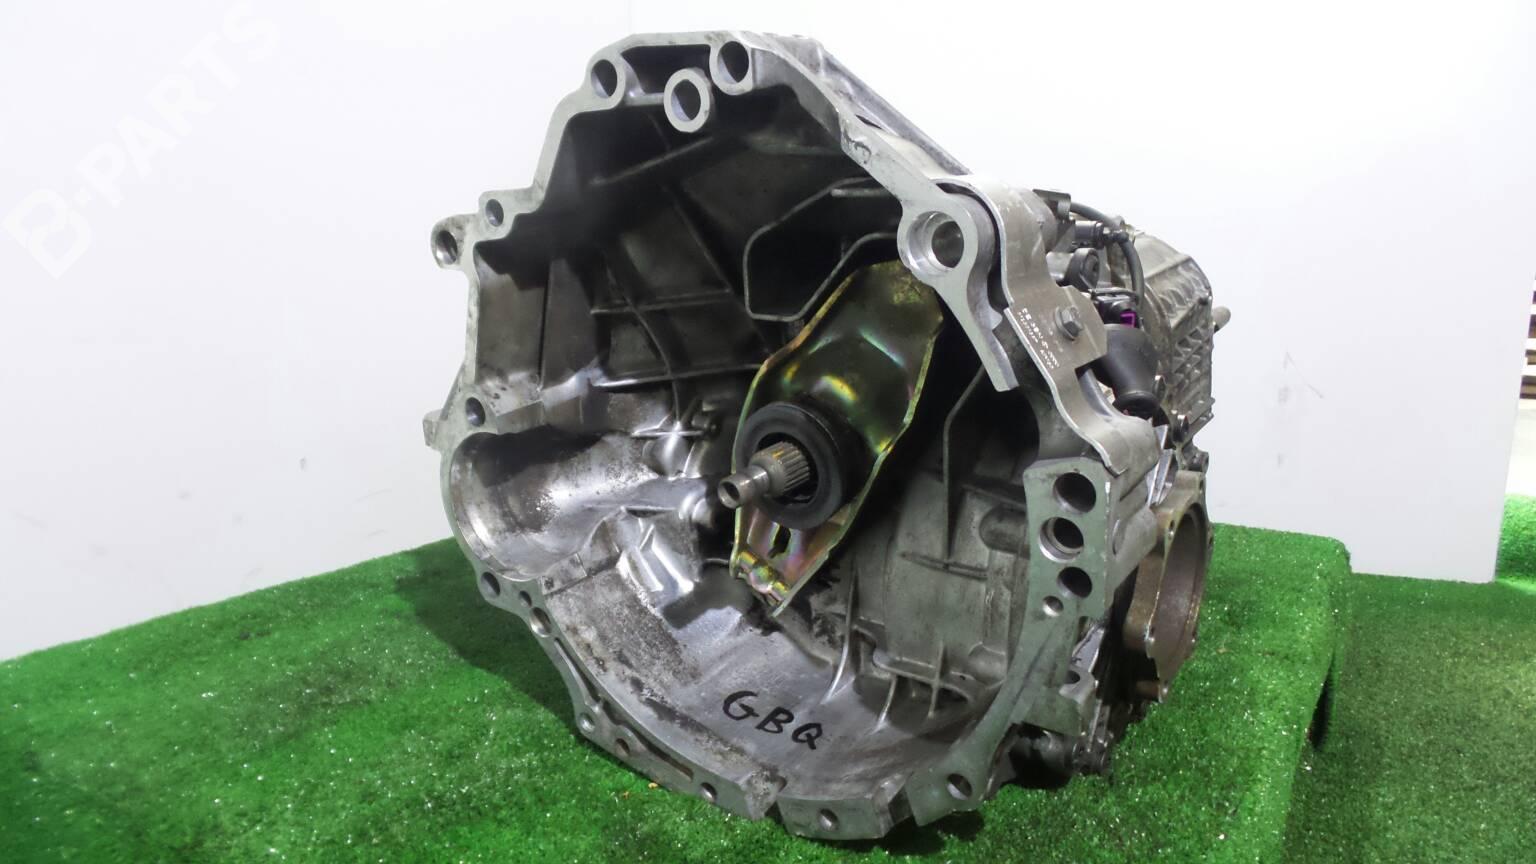 manual gearbox audi a4 8e2 b6 1 9 tdi 89585 rh b parts com audi a4 b6 manual gearbox oil audi a4 b6 manual gearbox oil